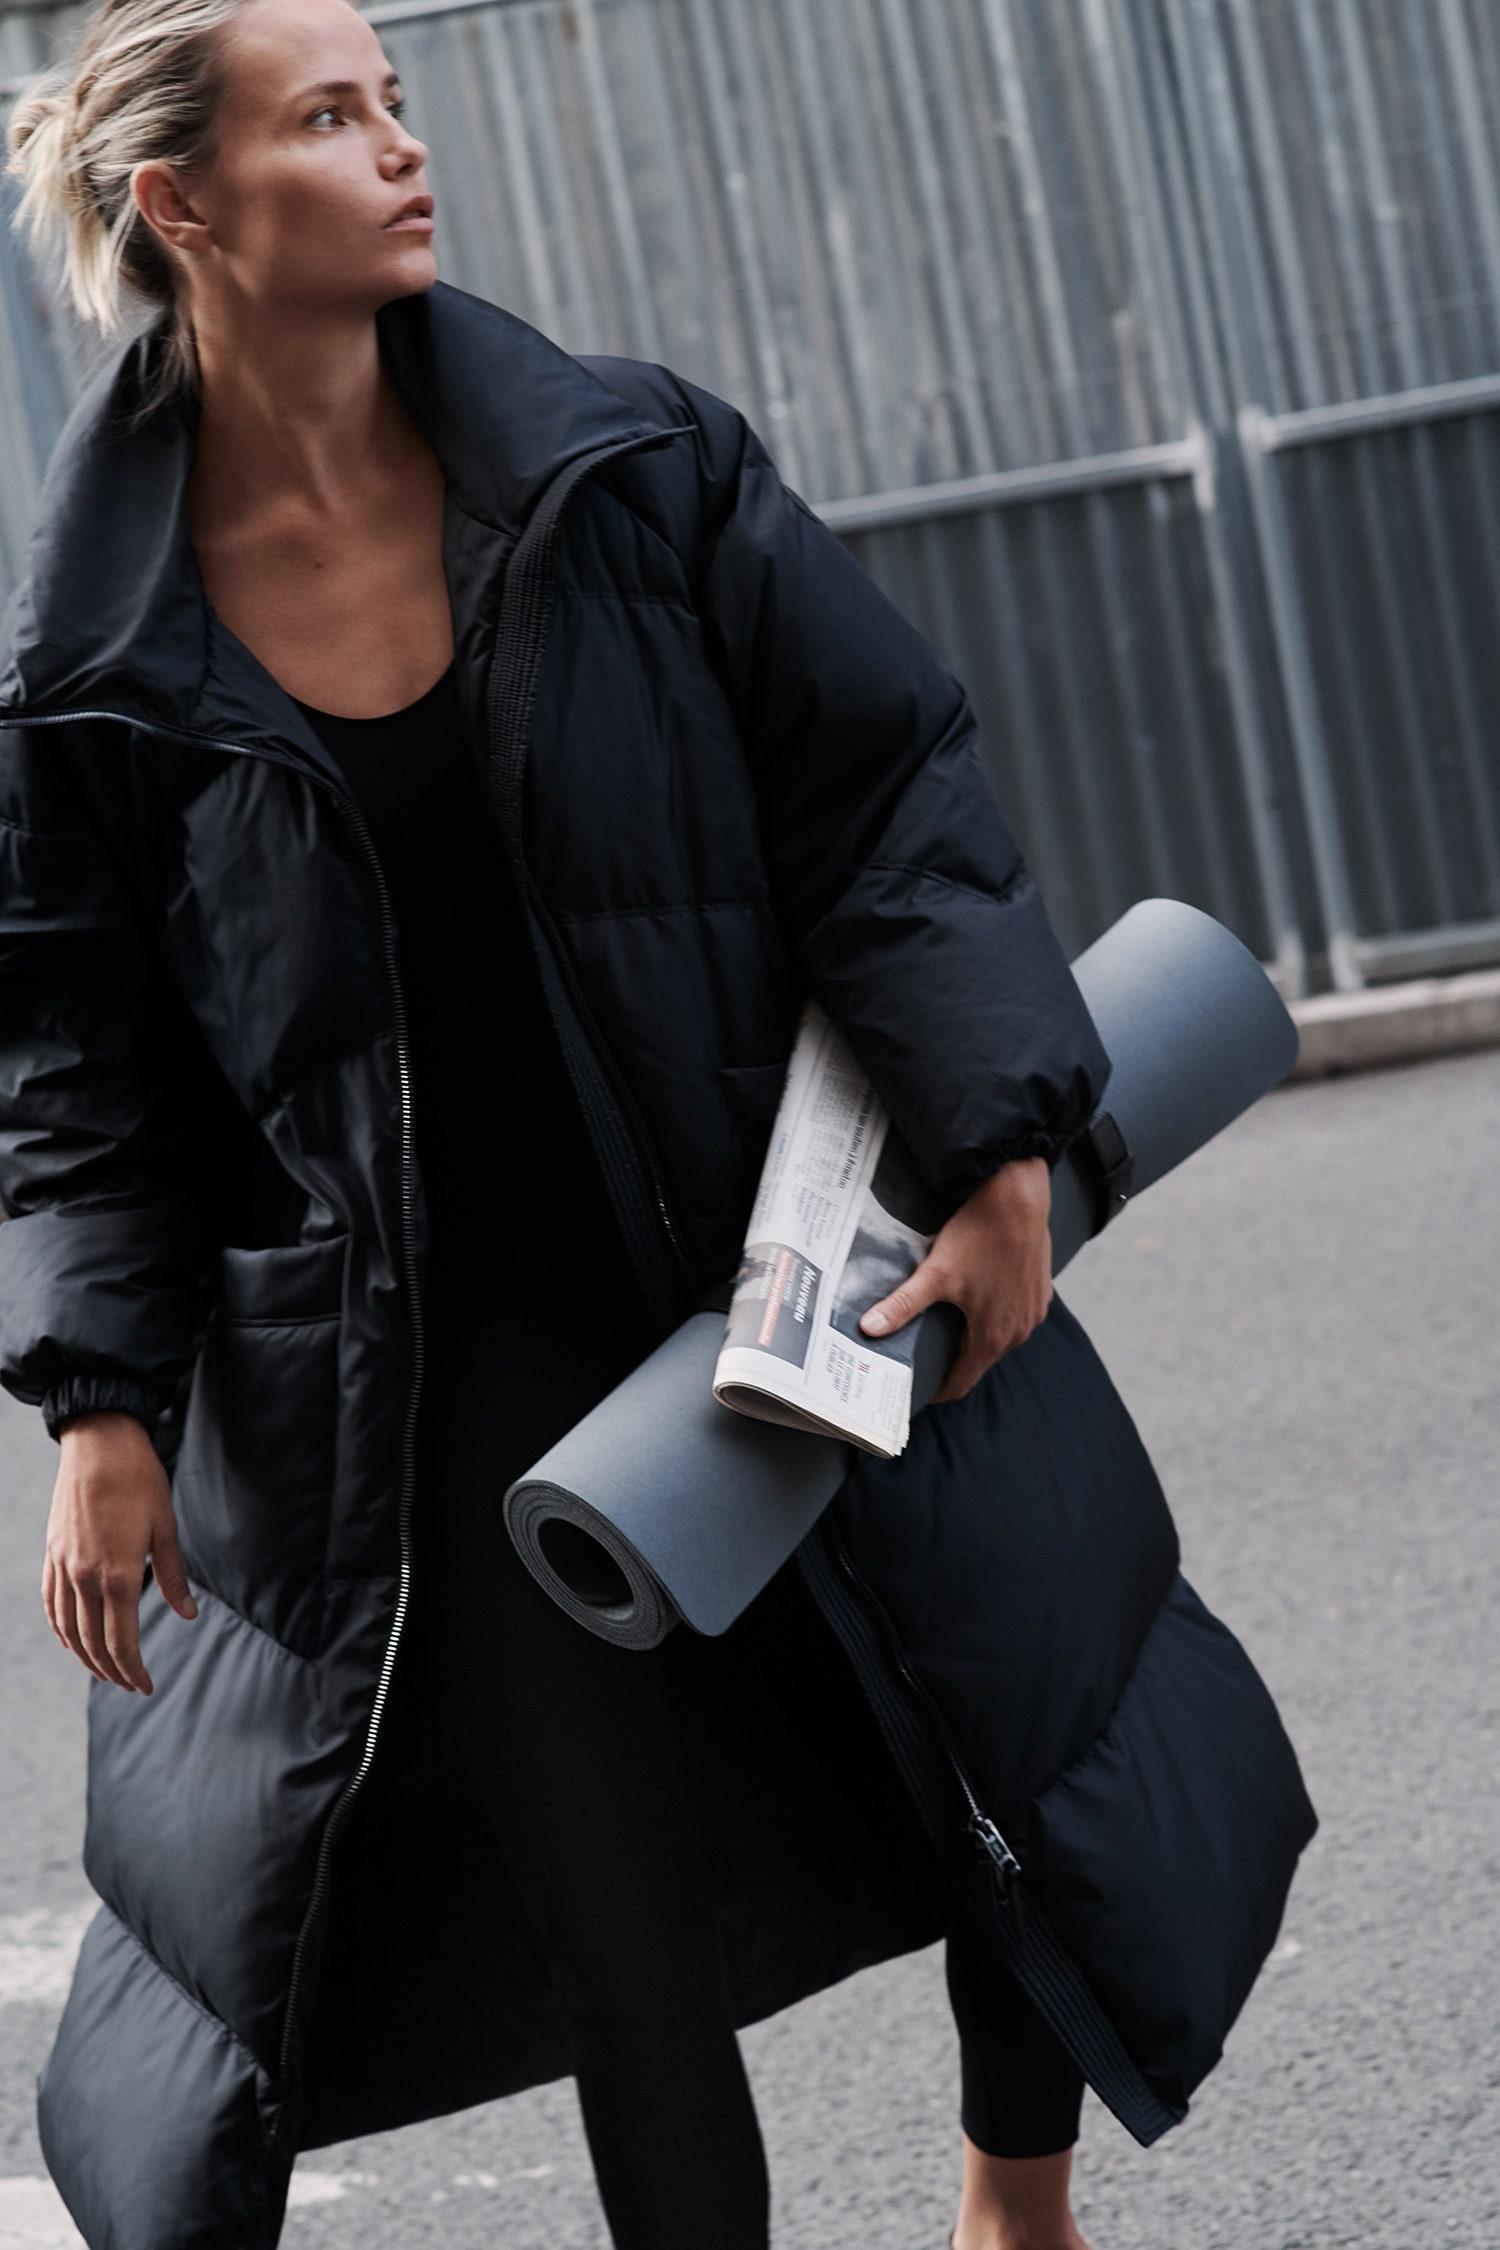 Все для йоги: идеальные бра, леггинсы, комбинезоны, майки, футболки и коврики в новой коллекции Massimo Dutti Soft